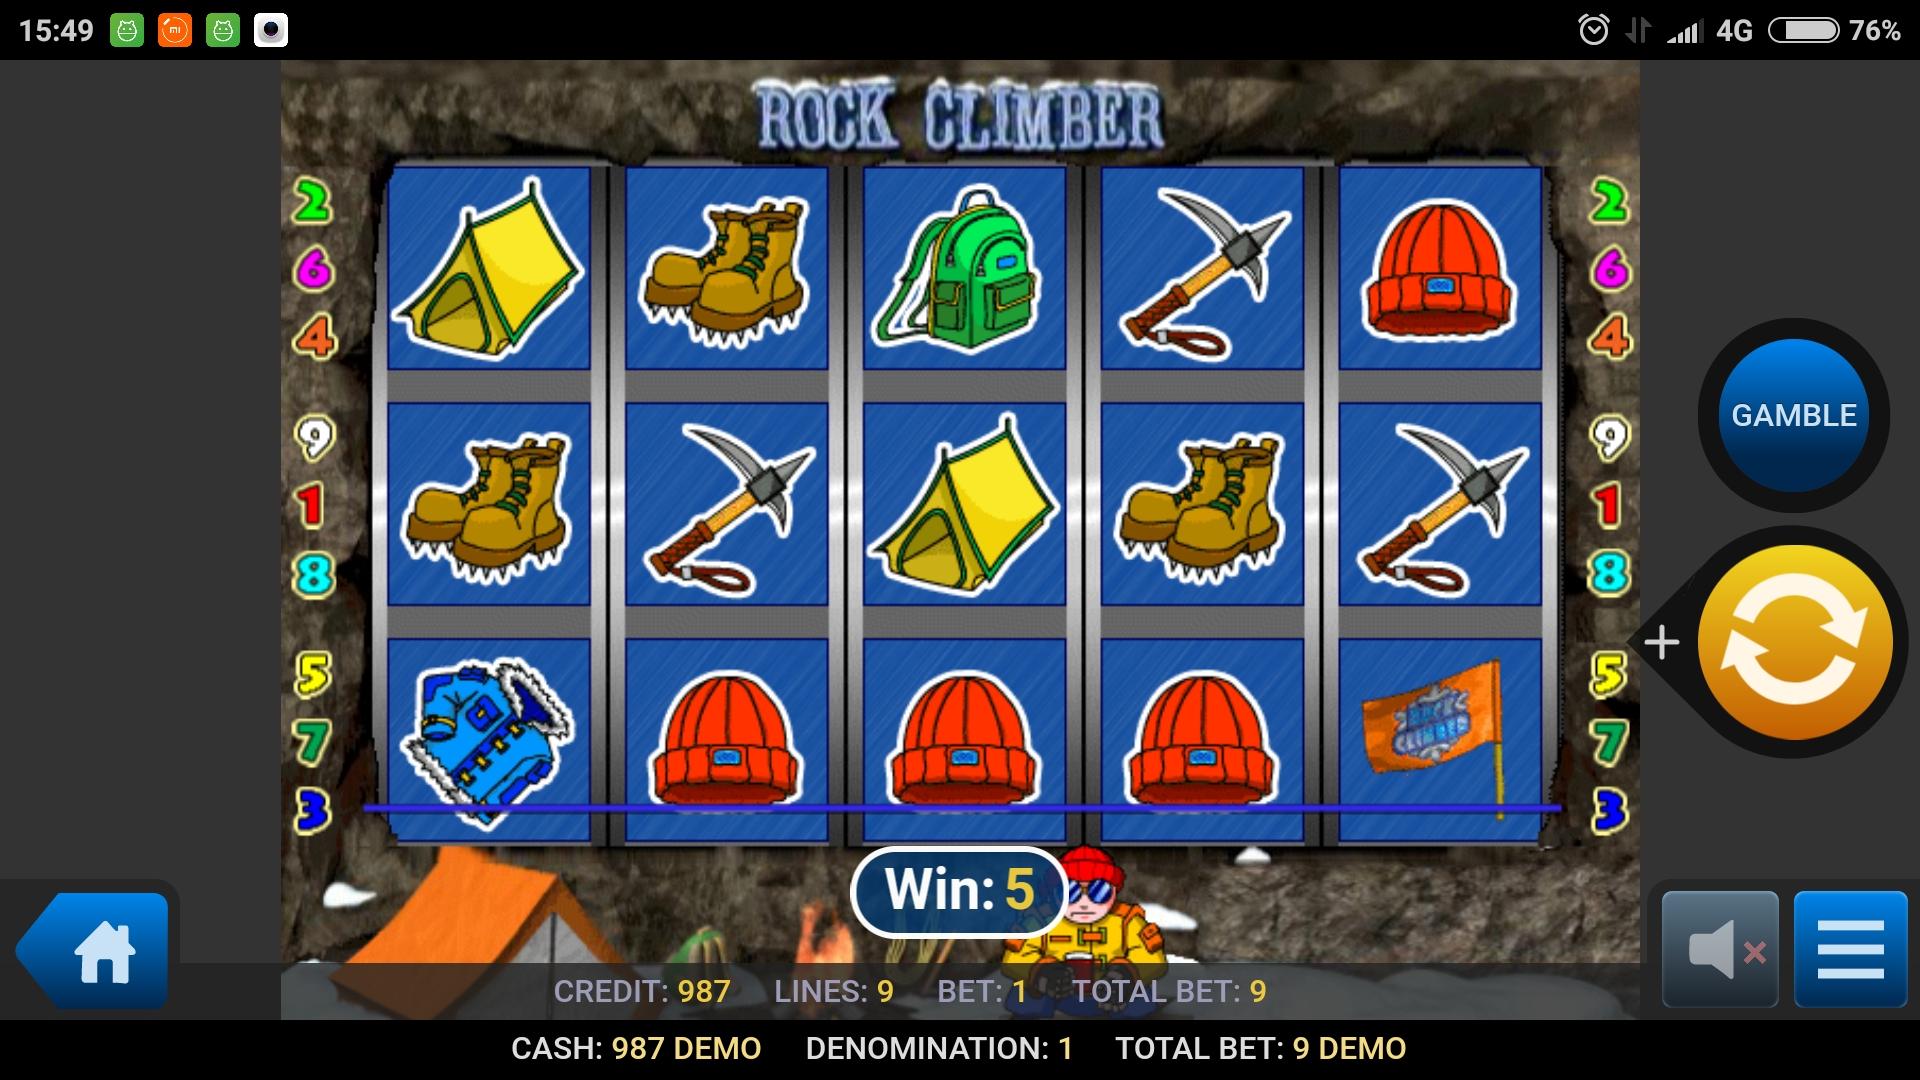 Скачать бесплатно игровые автоматы для андроид 2.3.6 как получить первые деньги в казино вулкан